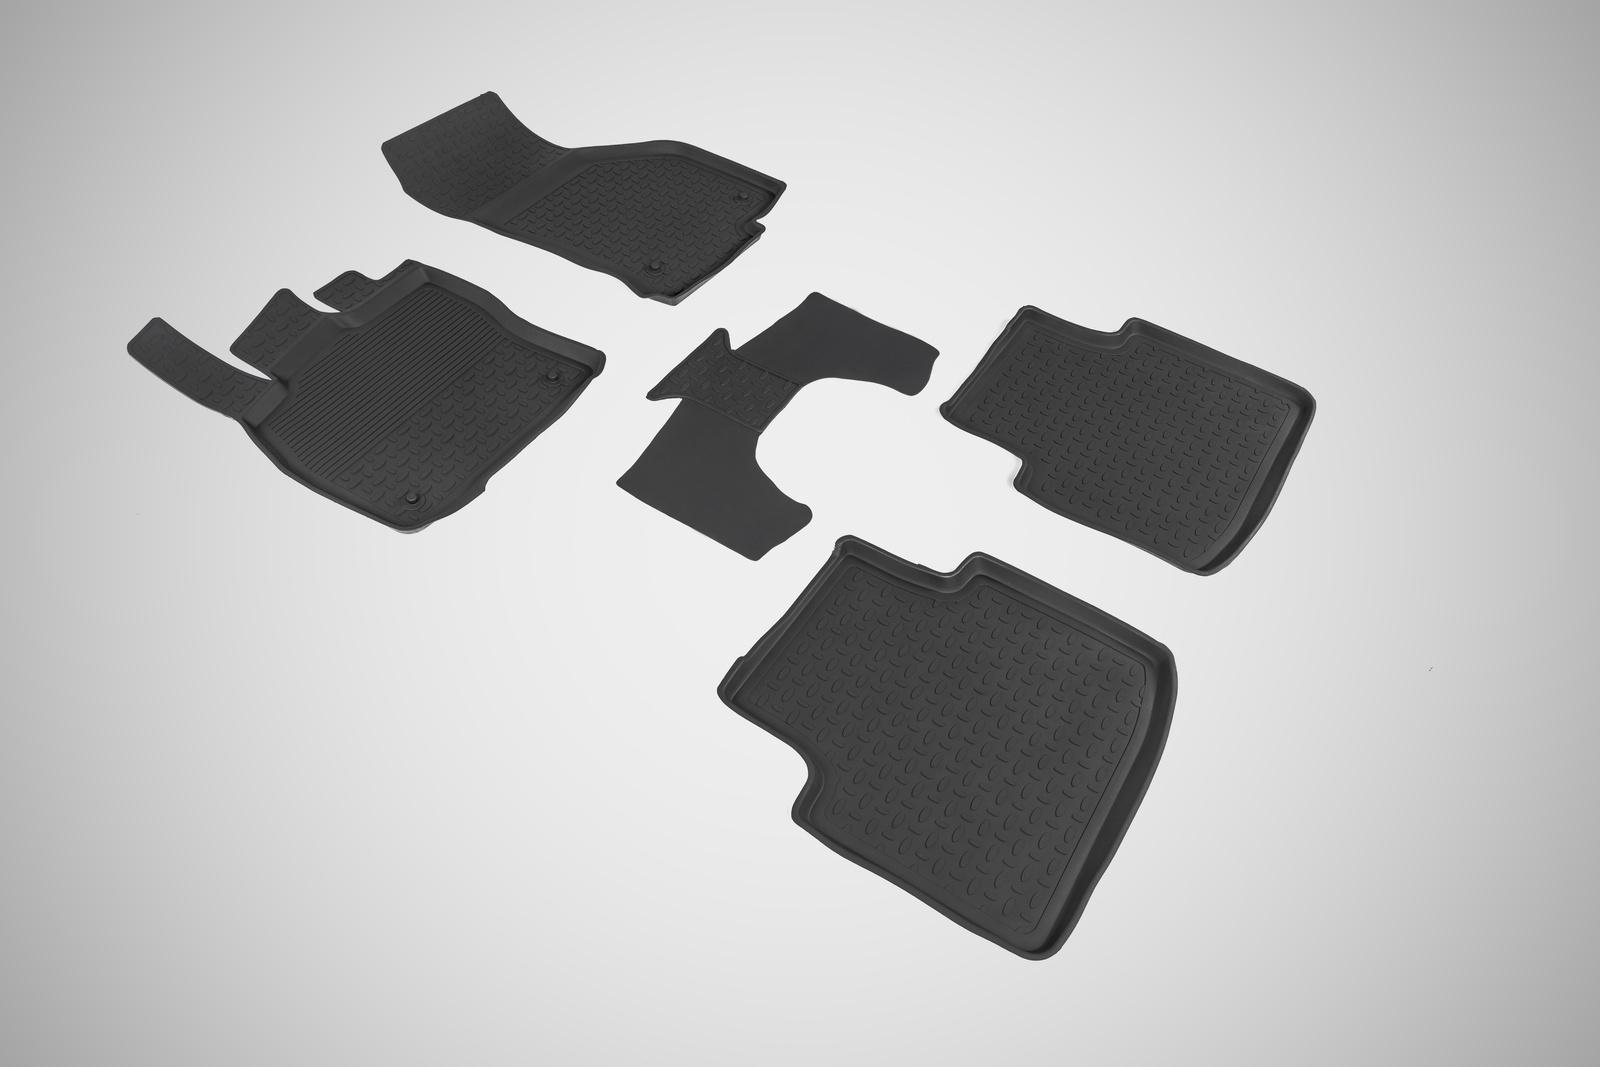 Коврики в салон автомобиля Seintex Резиновые коврики с высоким бортом для Skoda Superb III 2015-н.в.